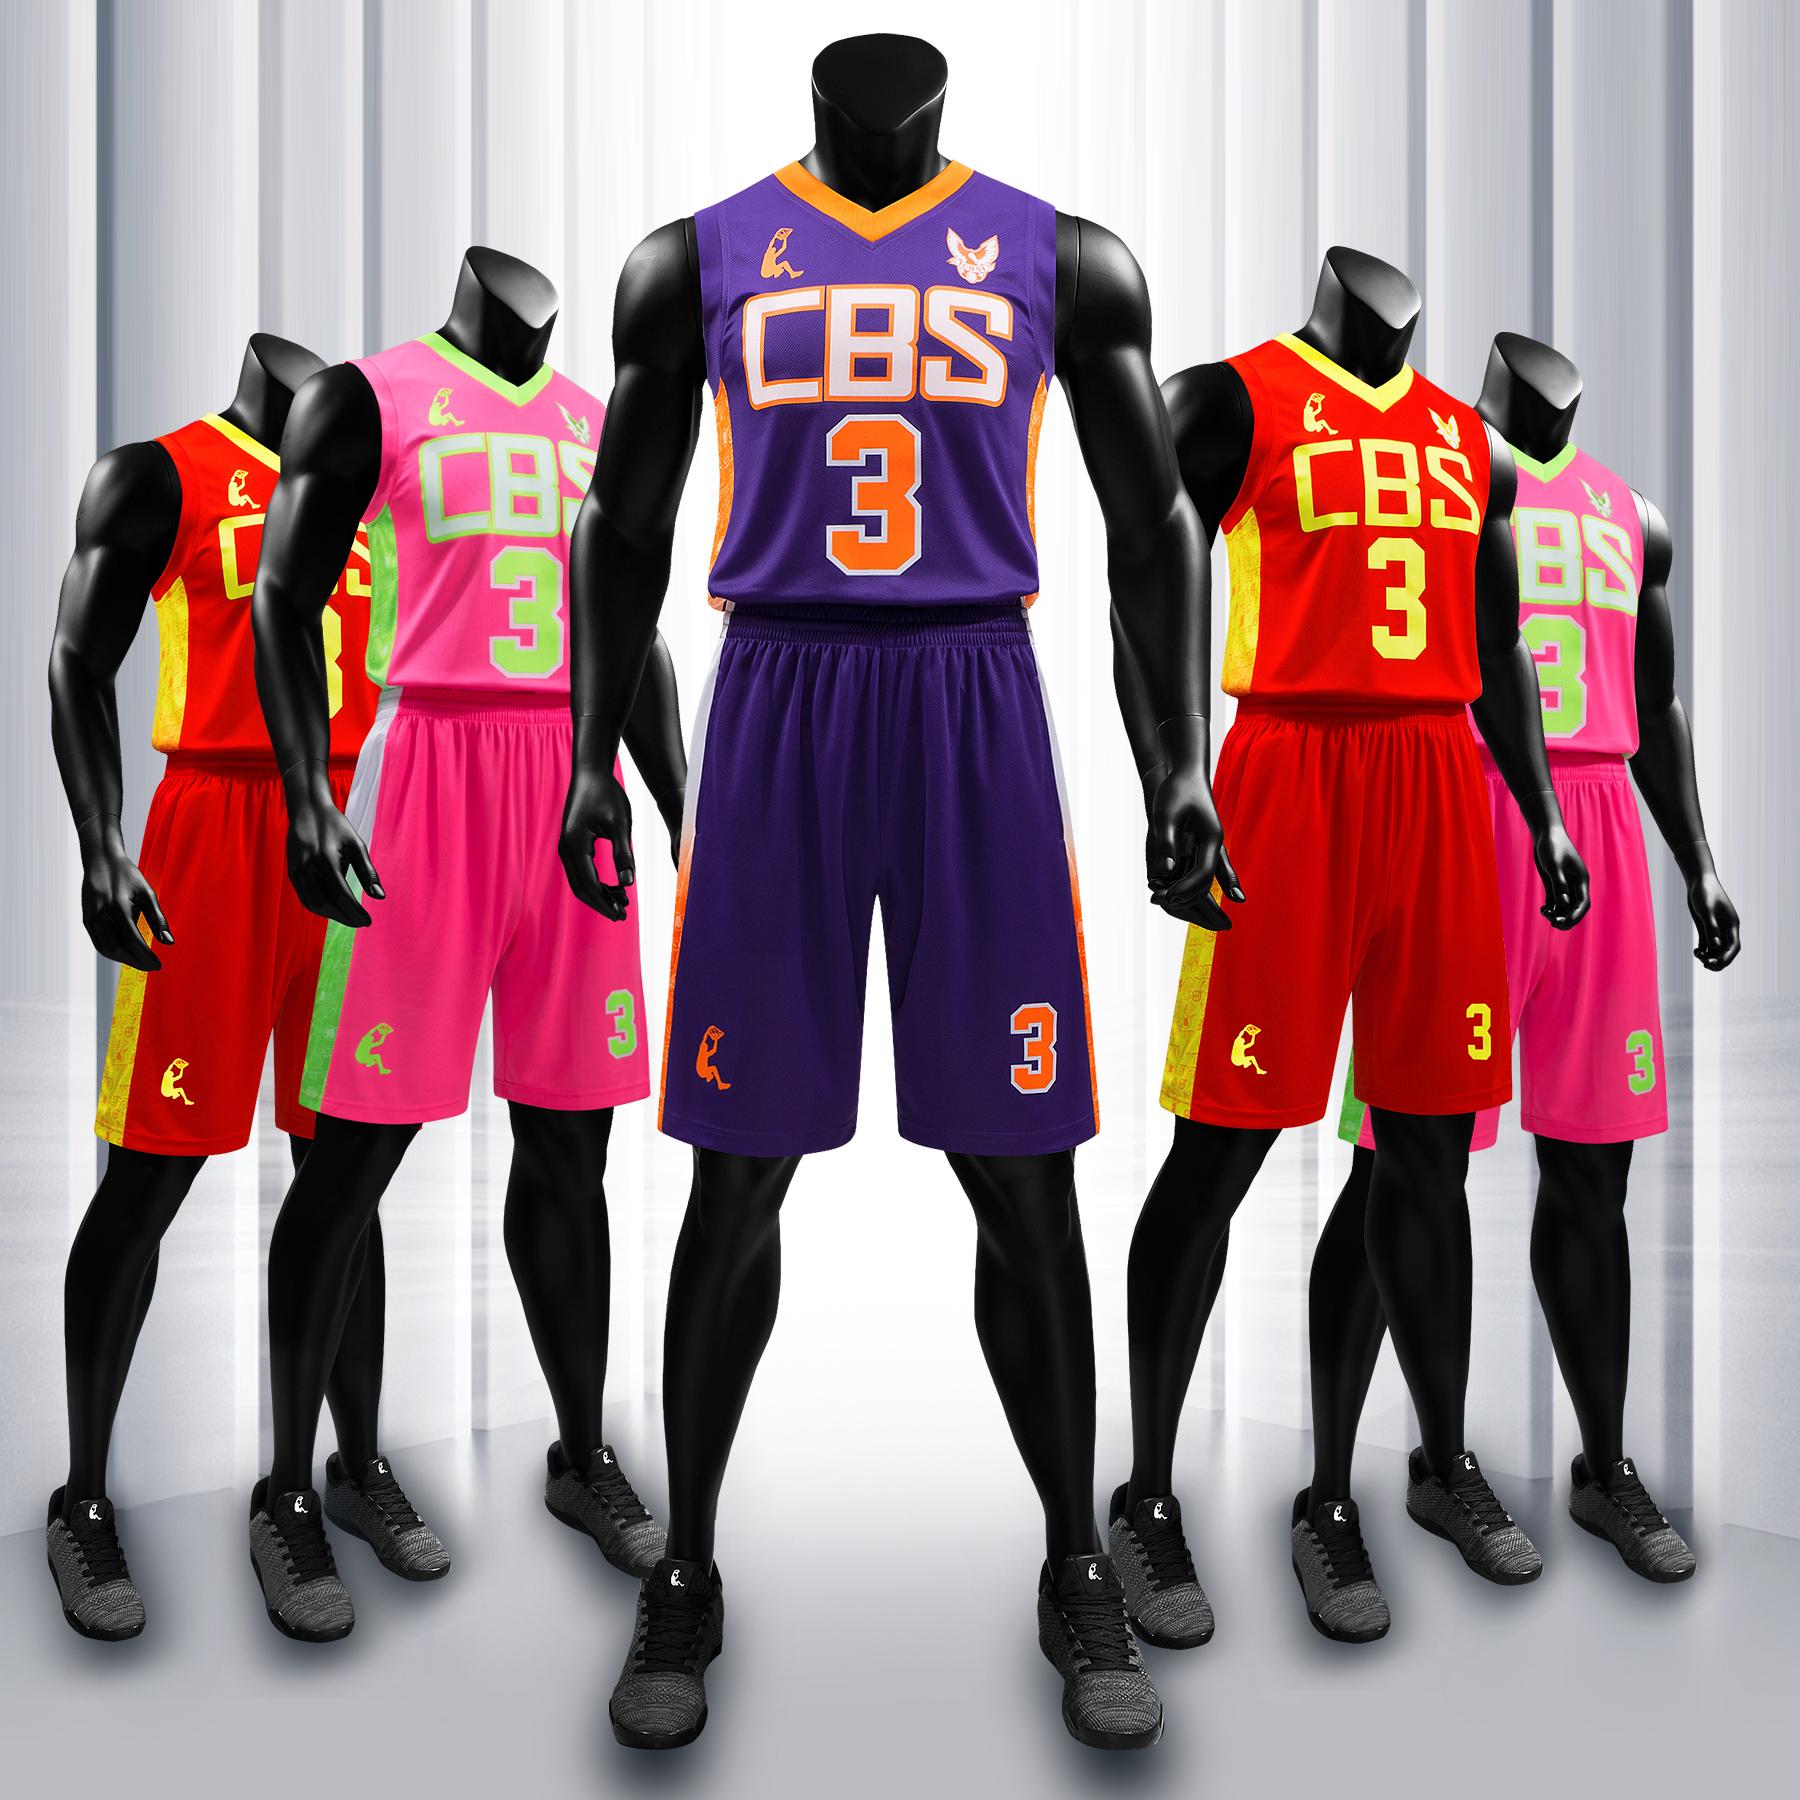 ff68ad3da3 Los niños Jersey de baloncesto Juegos uniformes Kits niño niños niñas deportes  ropa transpirable de formación